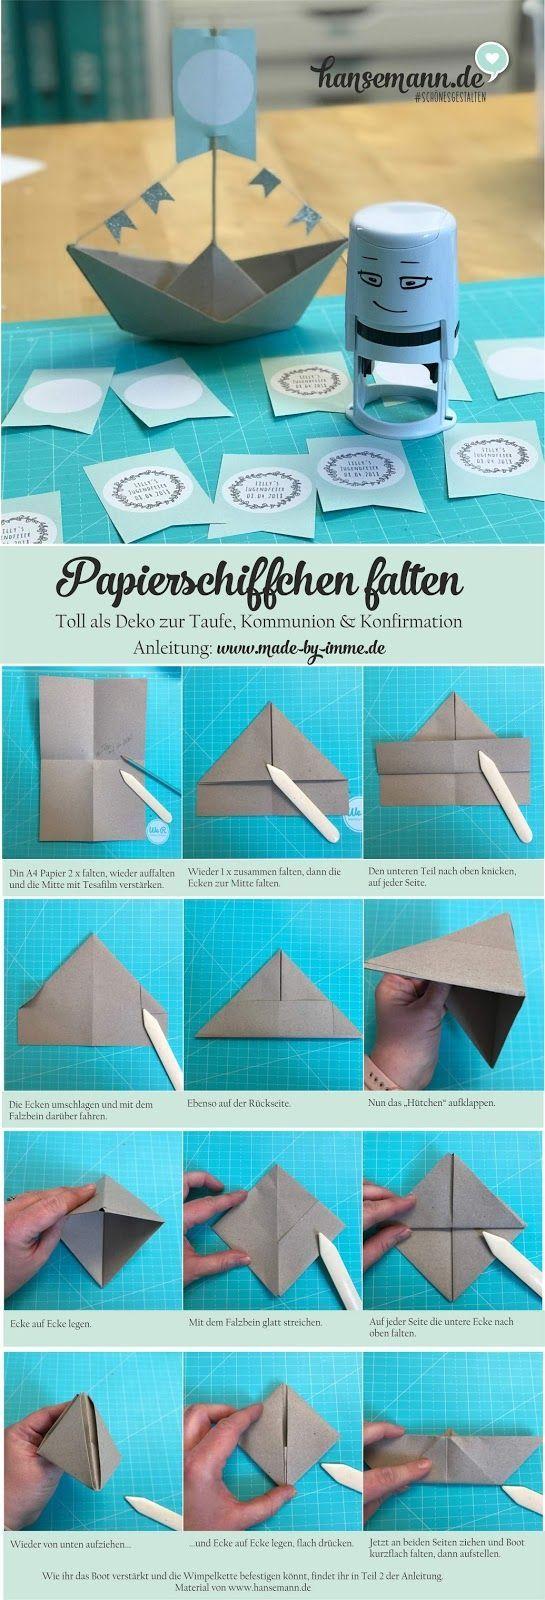 DIY Papierschiffchen mit Wimpelkette – schöne Deko zur Konfirmation, Kommunion